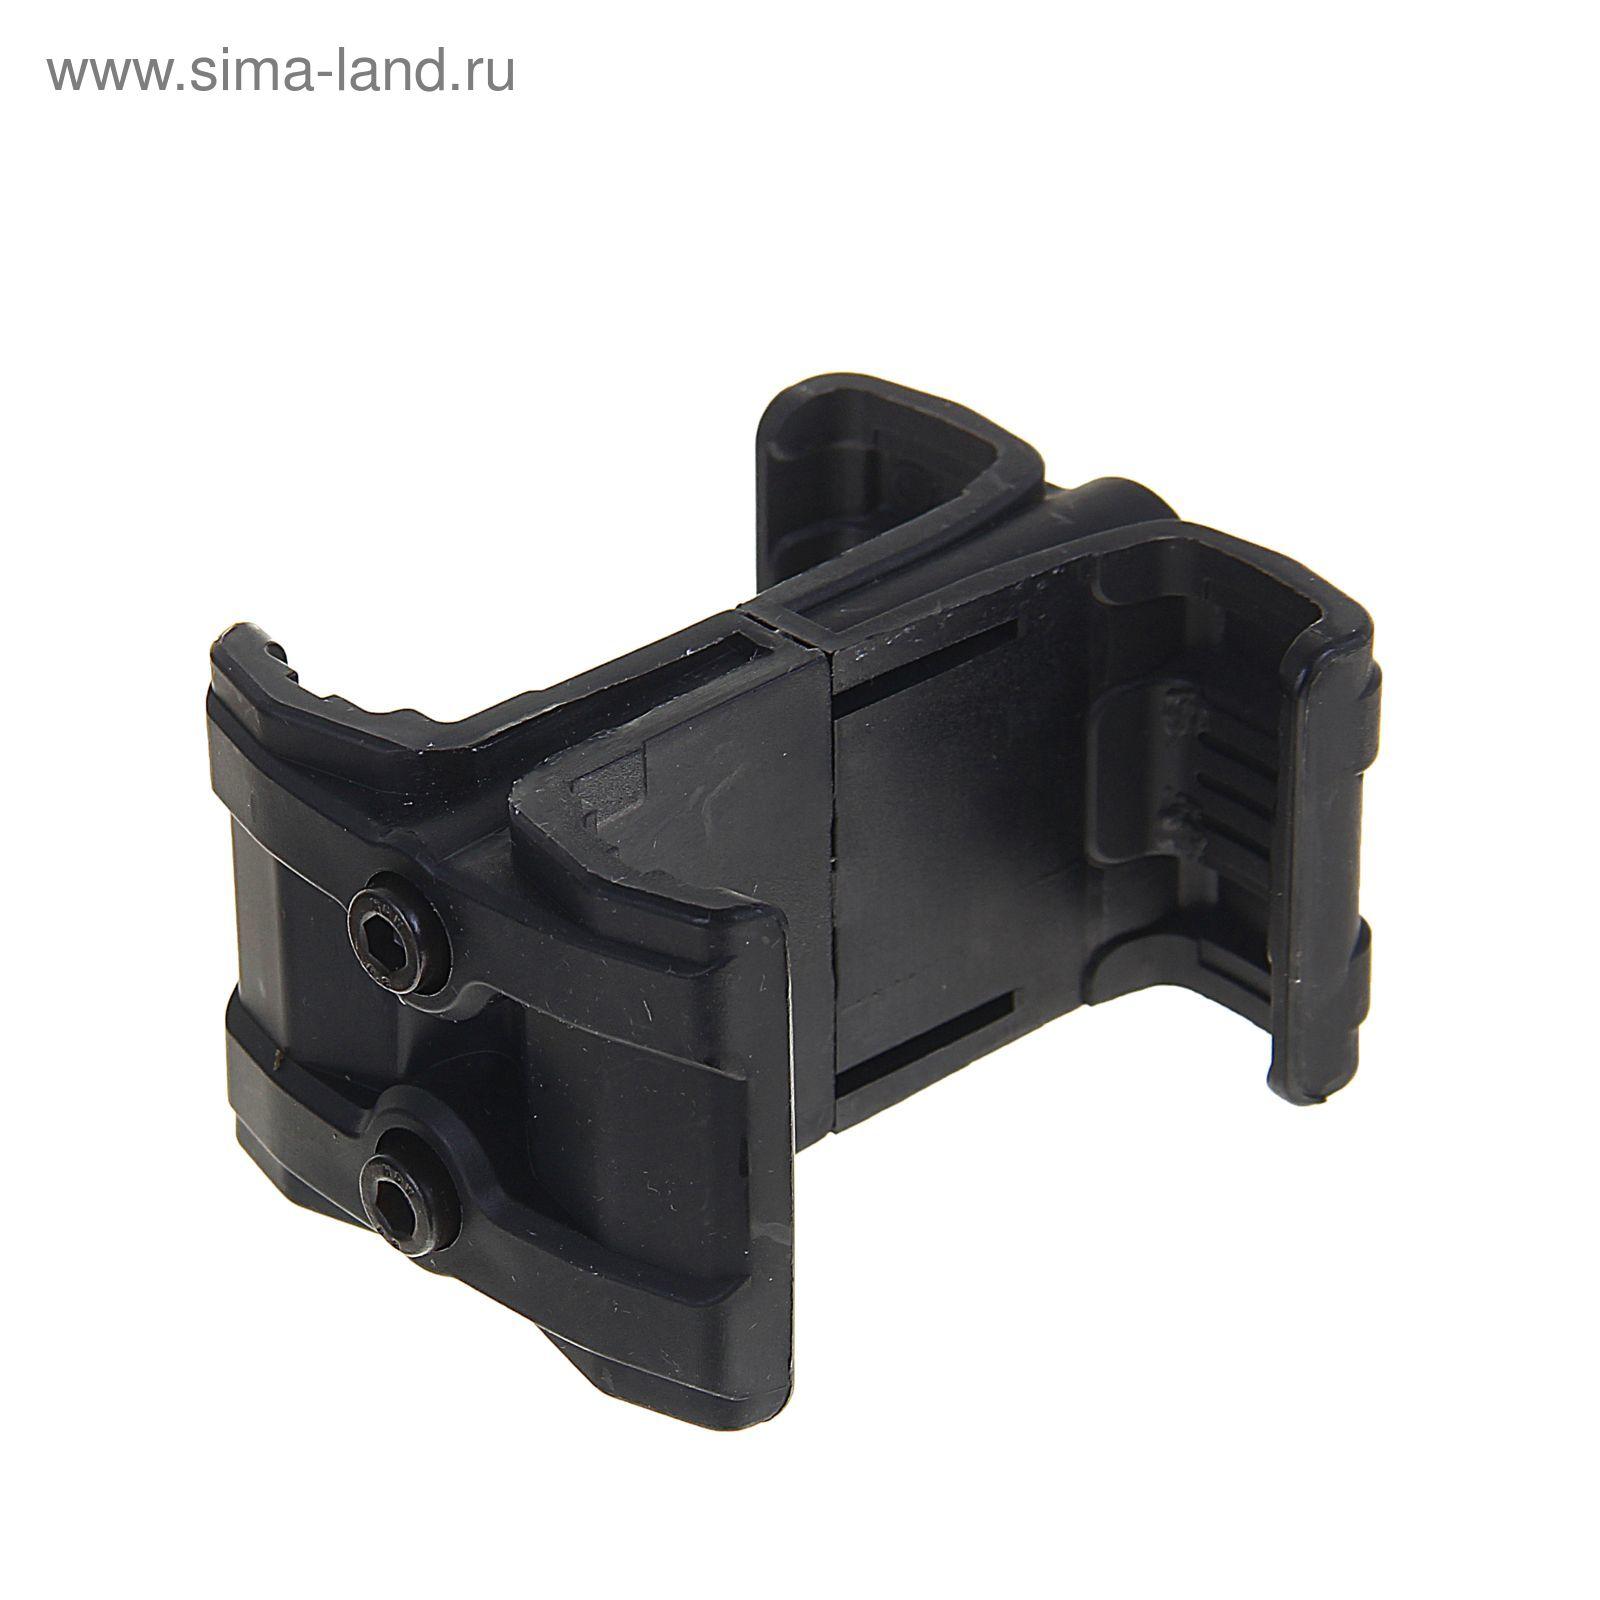 Подсумок PMAG MRG Link Black MG-06-BK (1347817) - Купить по